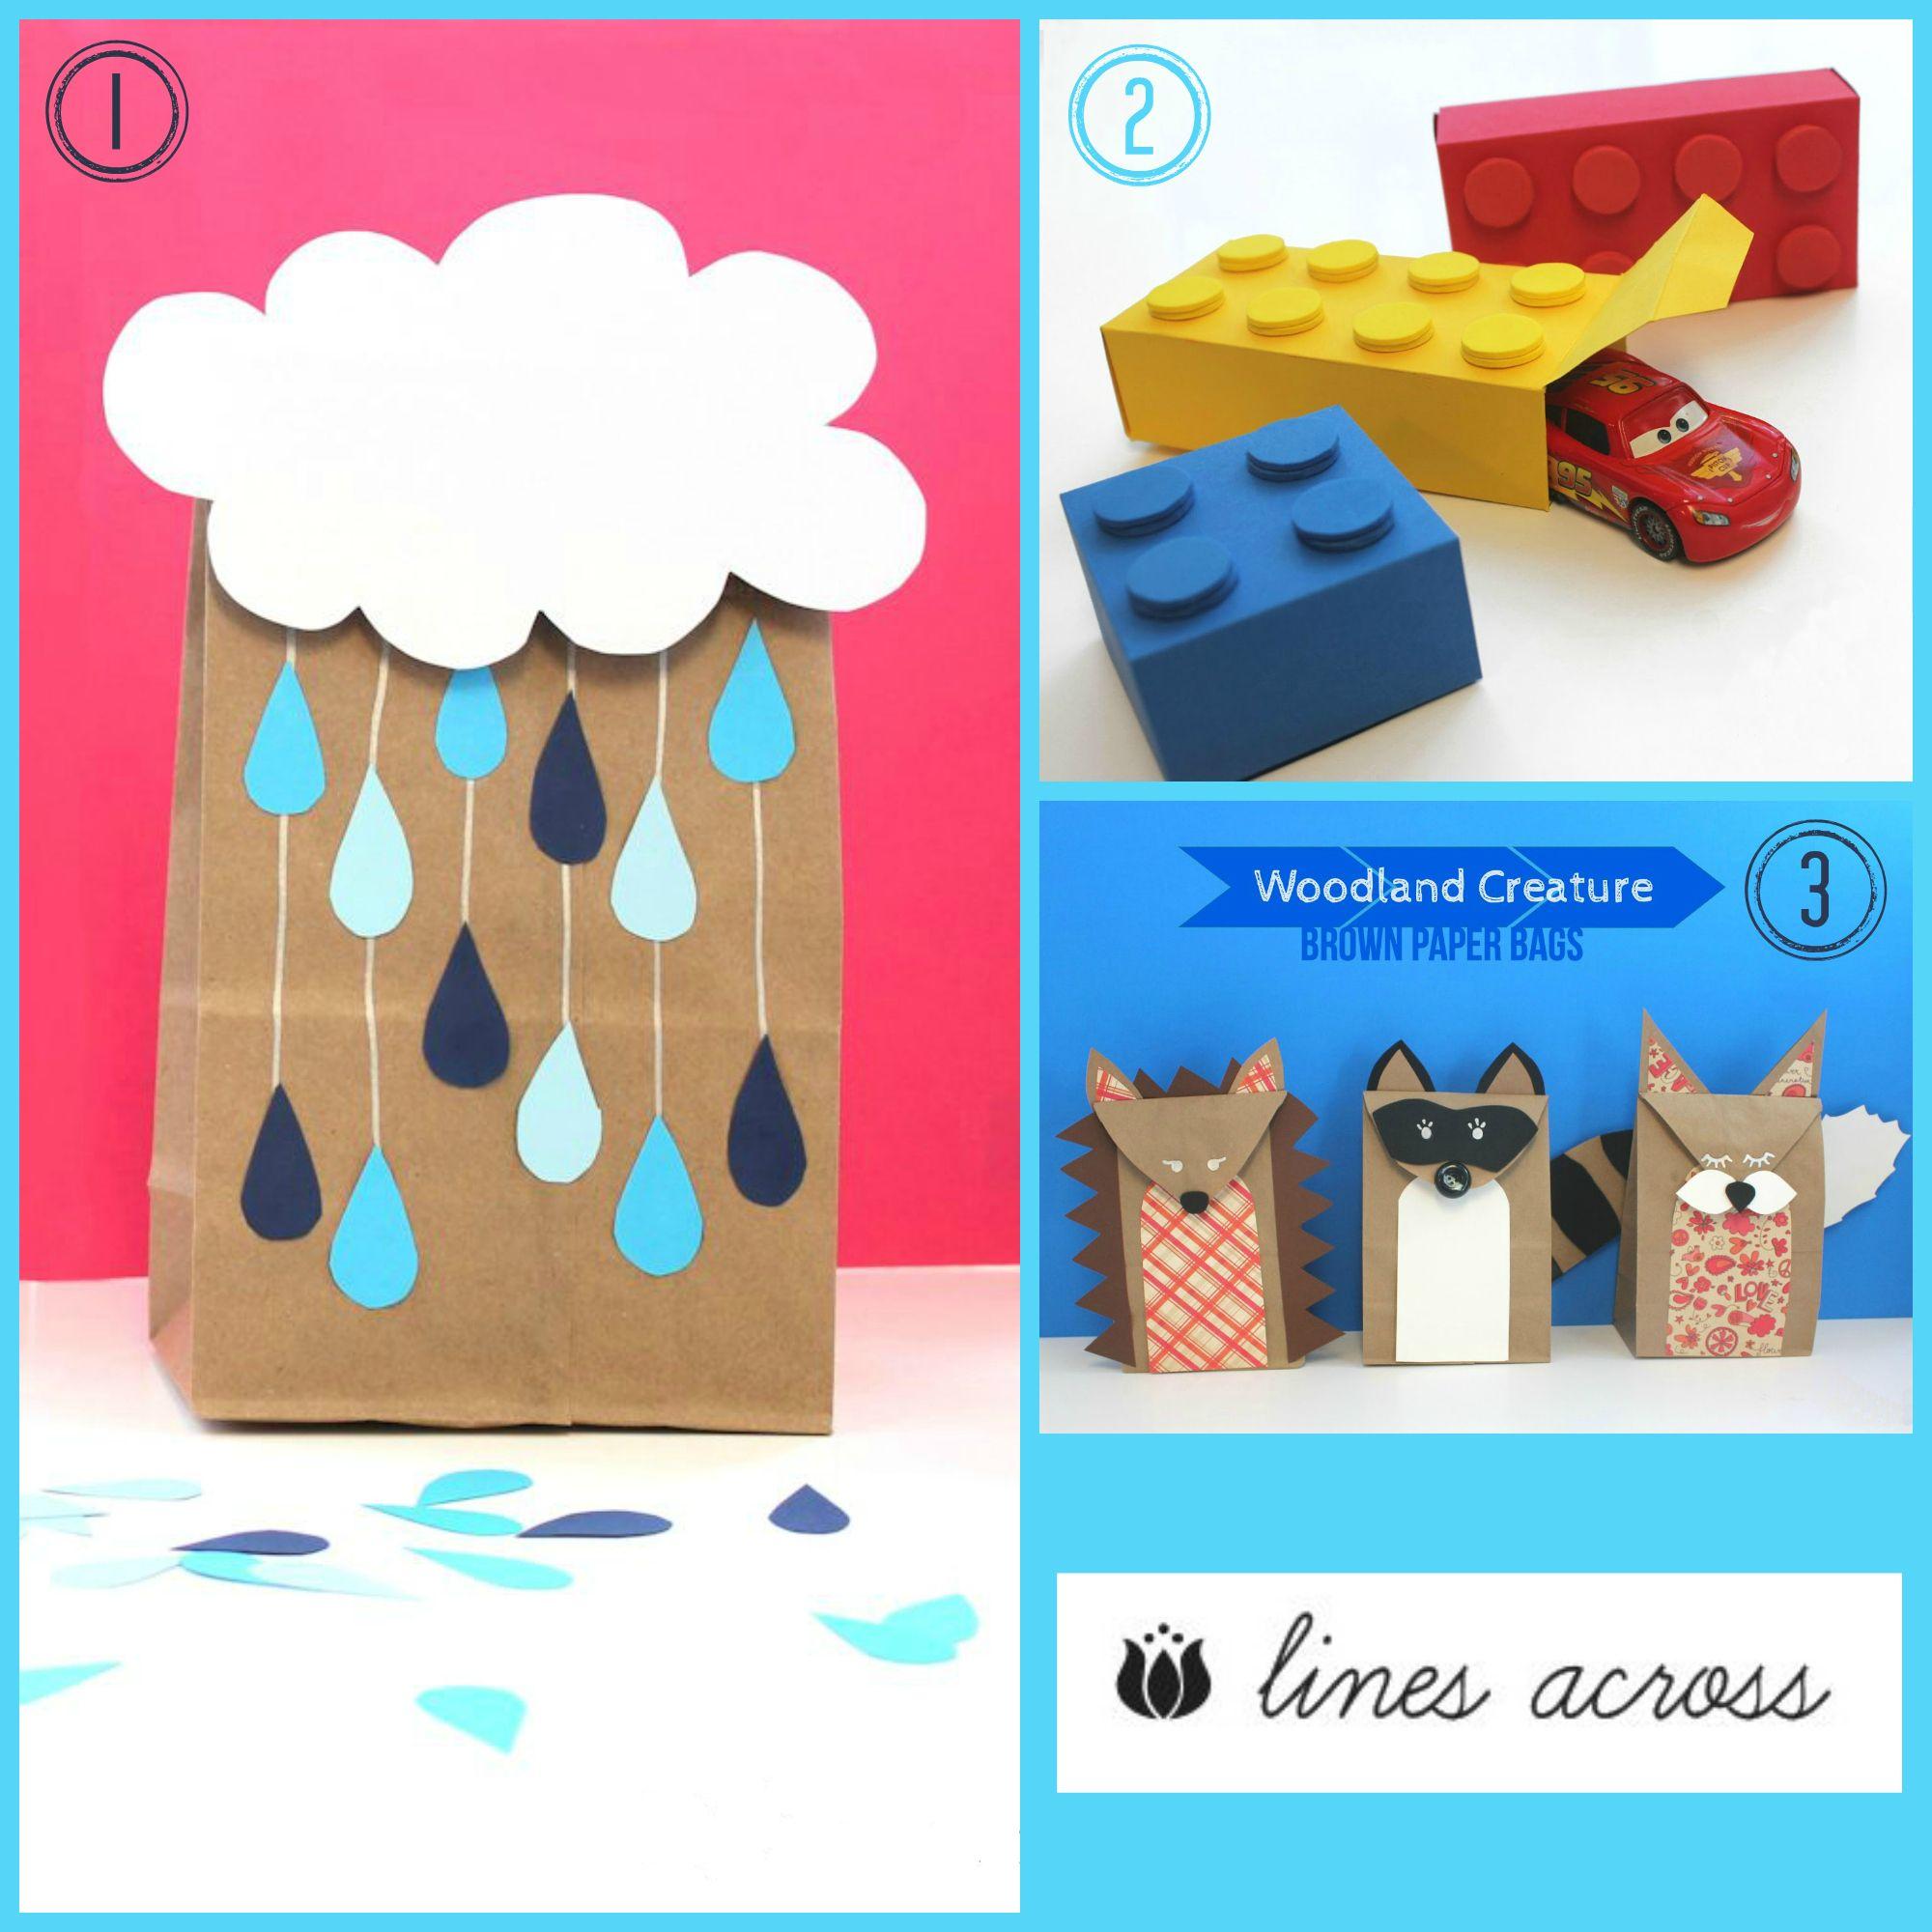 Petite blog creative wrapping o como envolver los regalos - Envolver regalos de forma original ...